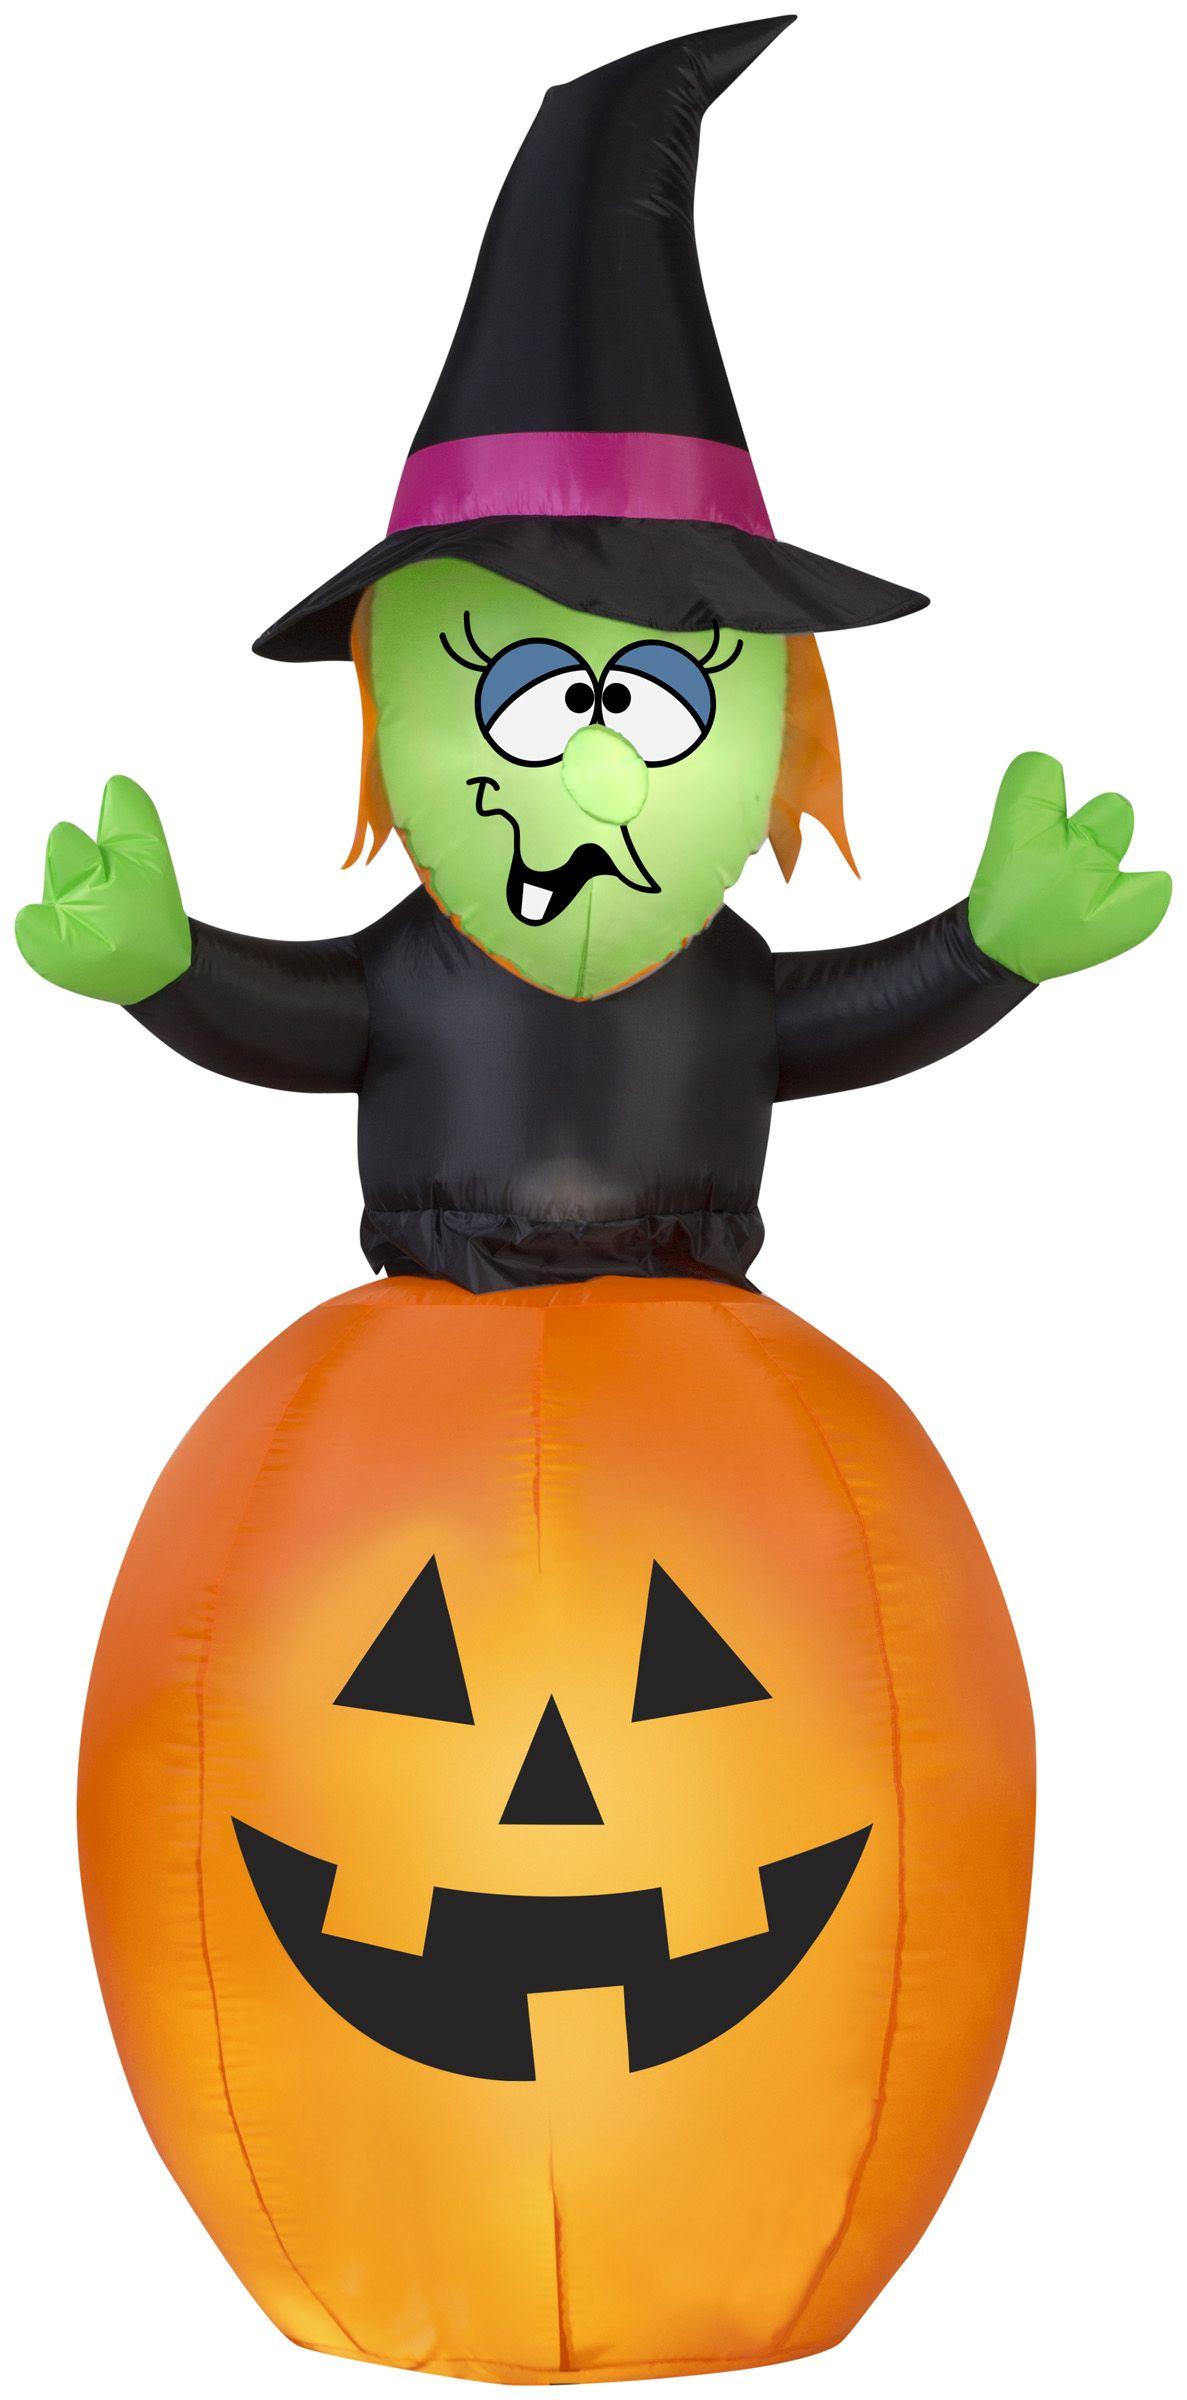 5.5' Airblown Spinning Witch in Pumpkin Halloween